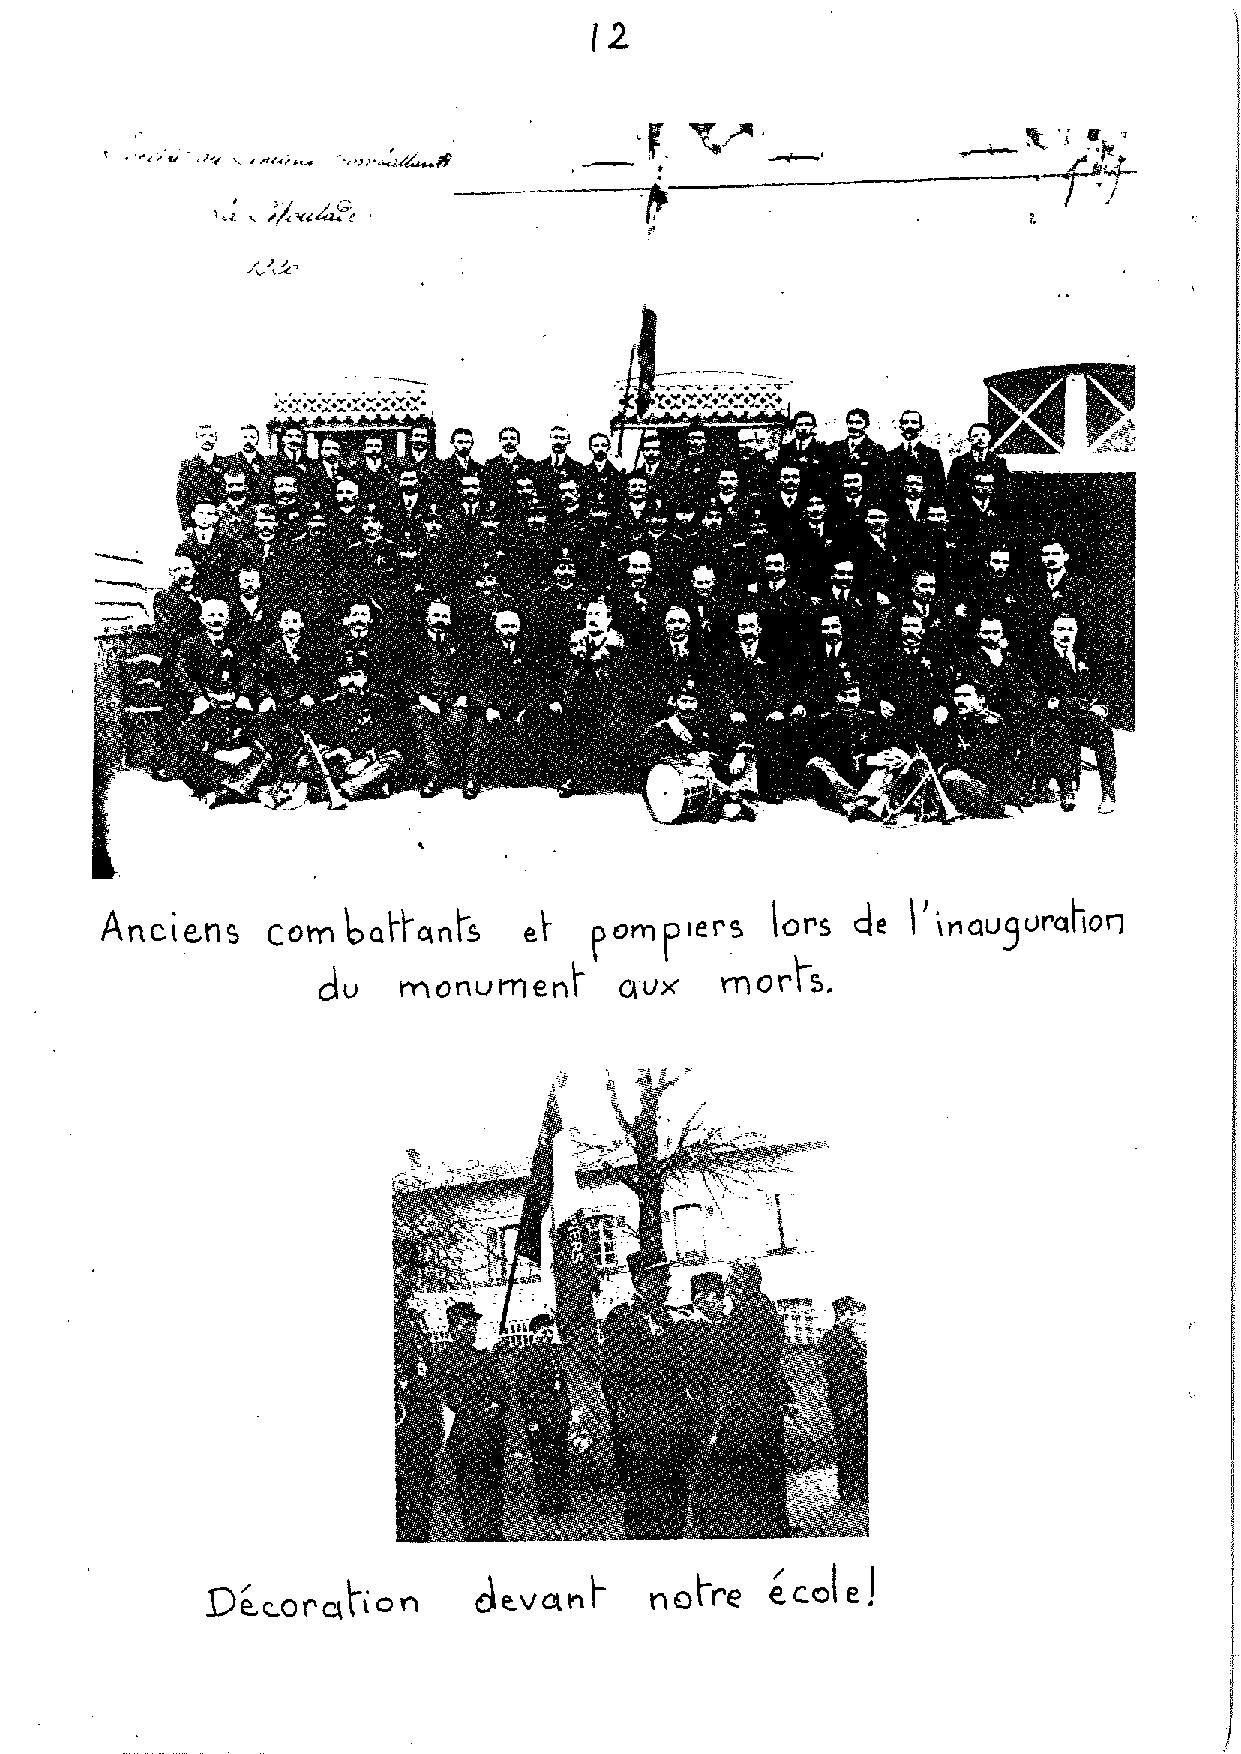 la moutade-page-012